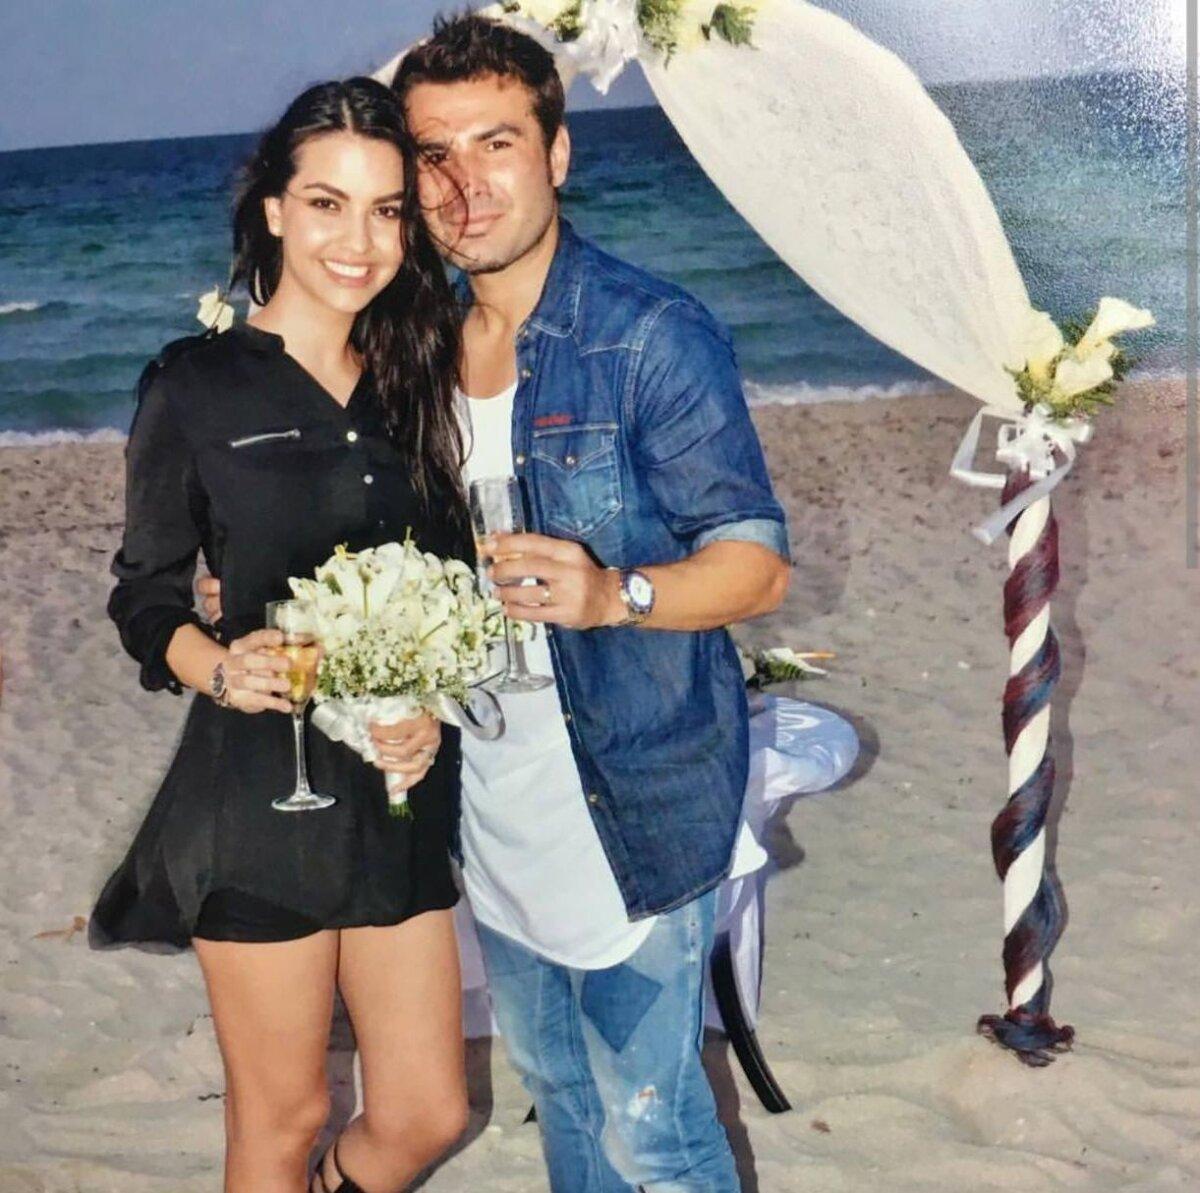 FOTO Mutu s-a însurat pe plajă, în Cuba! Soția sa a purtat o rochie neagră  iar el blugi :) Imagini de la eveniment